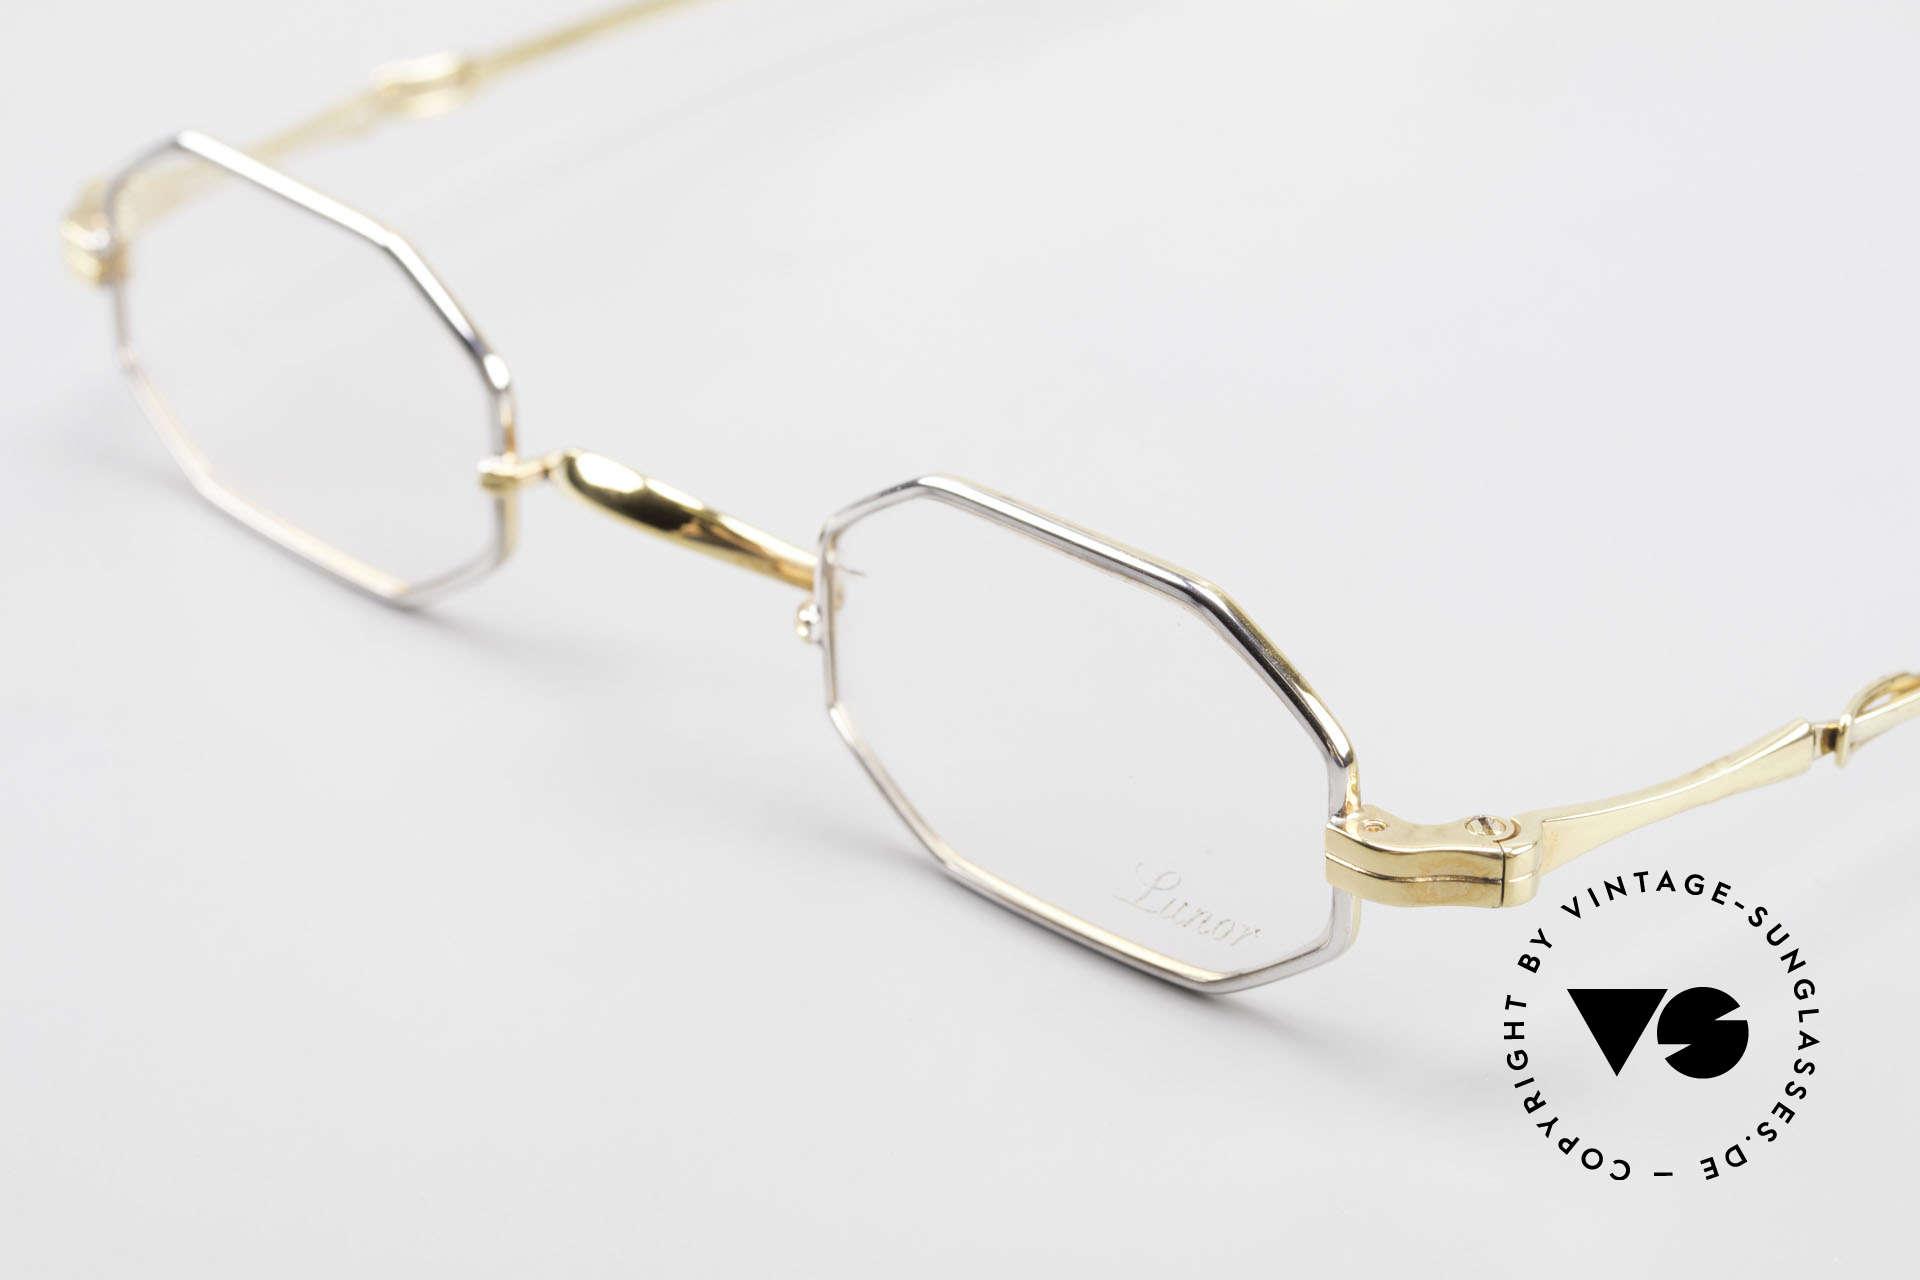 Lunor - Telescopic Ausziehbare Brille Achteckig, bekannt für den W-Steg und die schlichten Formen, Passend für Herren und Damen